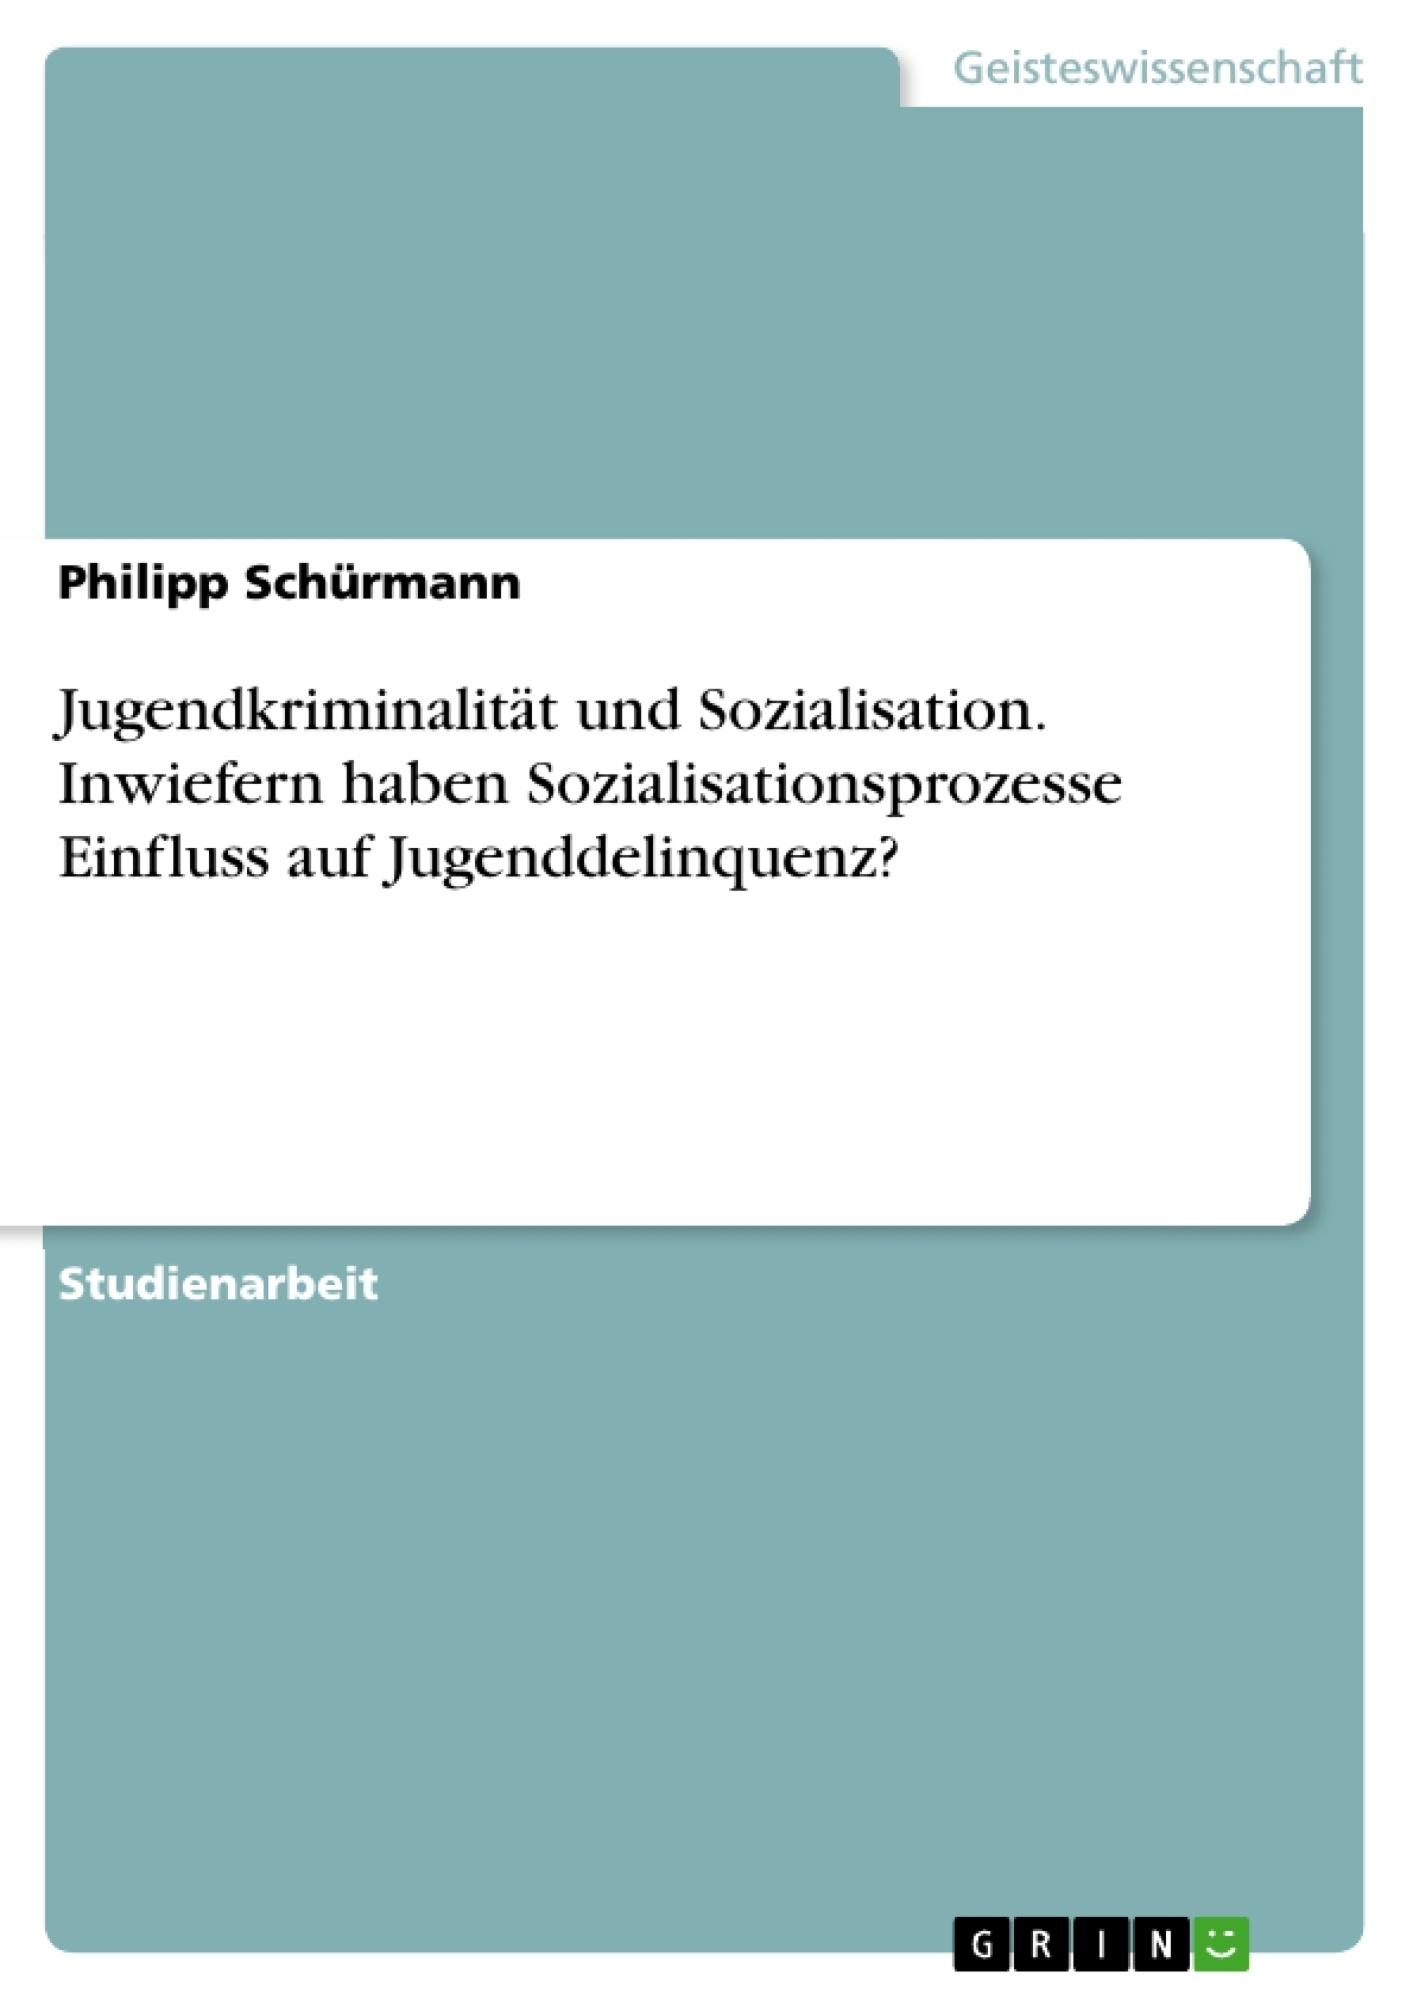 Titel: Jugendkriminalität und Sozialisation. Inwiefern haben Sozialisationsprozesse Einfluss auf Jugenddelinquenz?